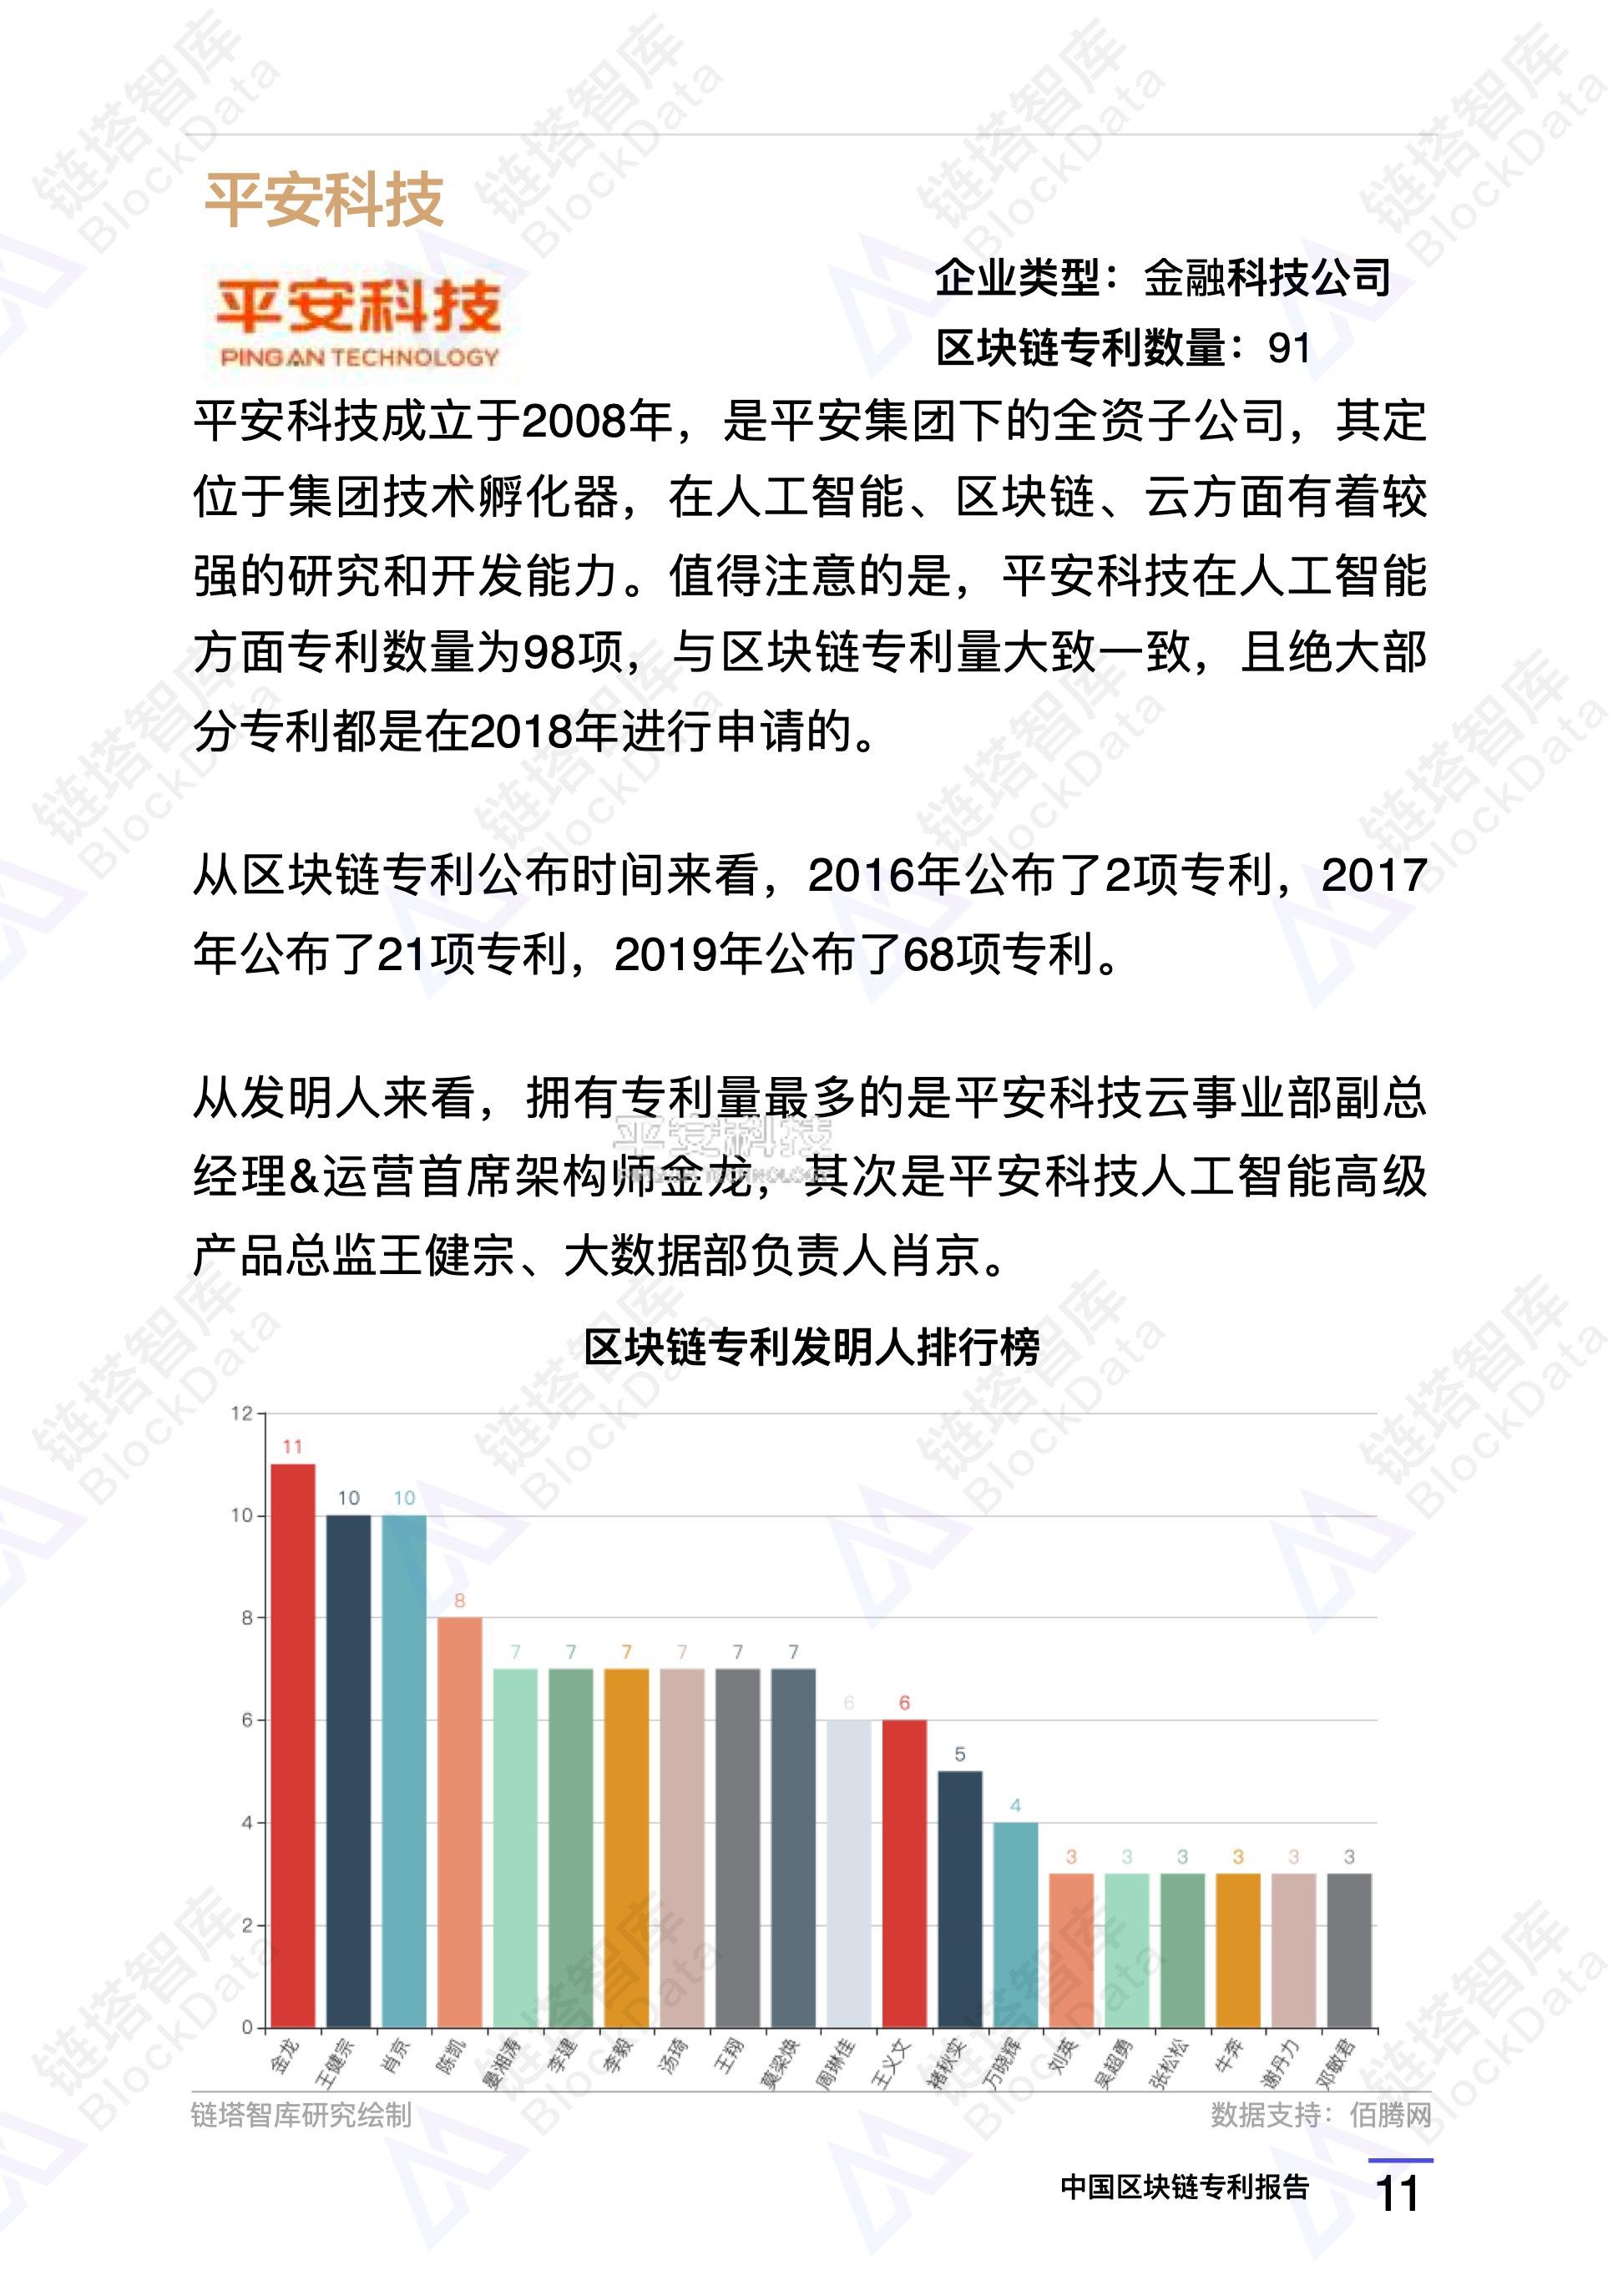 2019 一季度区块链专利报告:阿里稳居第一,平安科技、网心科技强势上榜